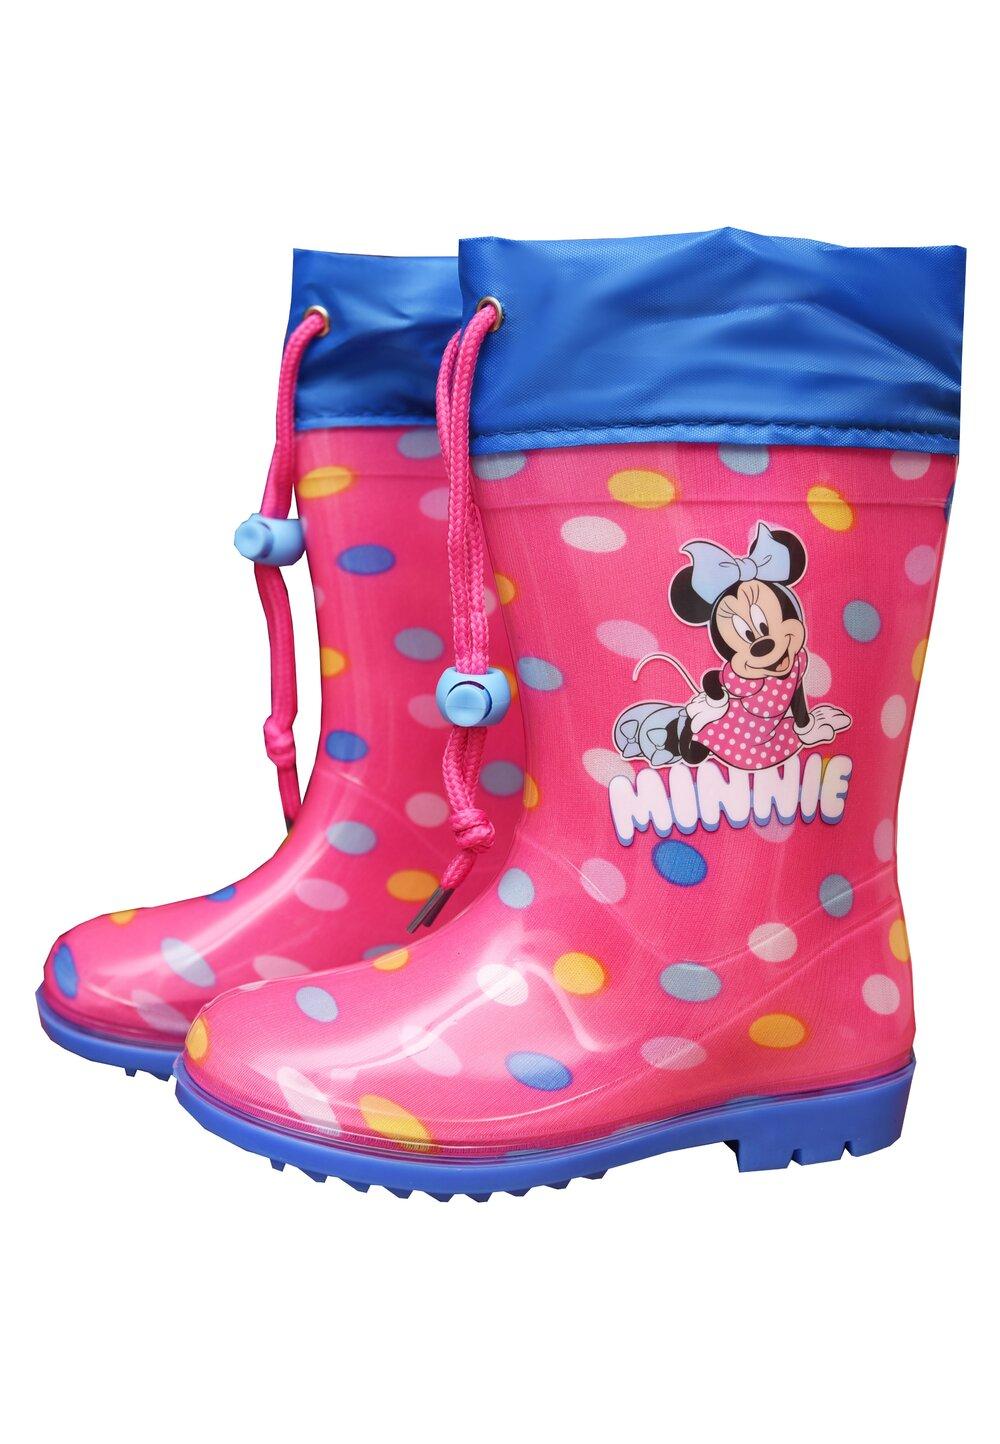 Cizme de cauciuc, Minnie, roz cu buline colorate imagine